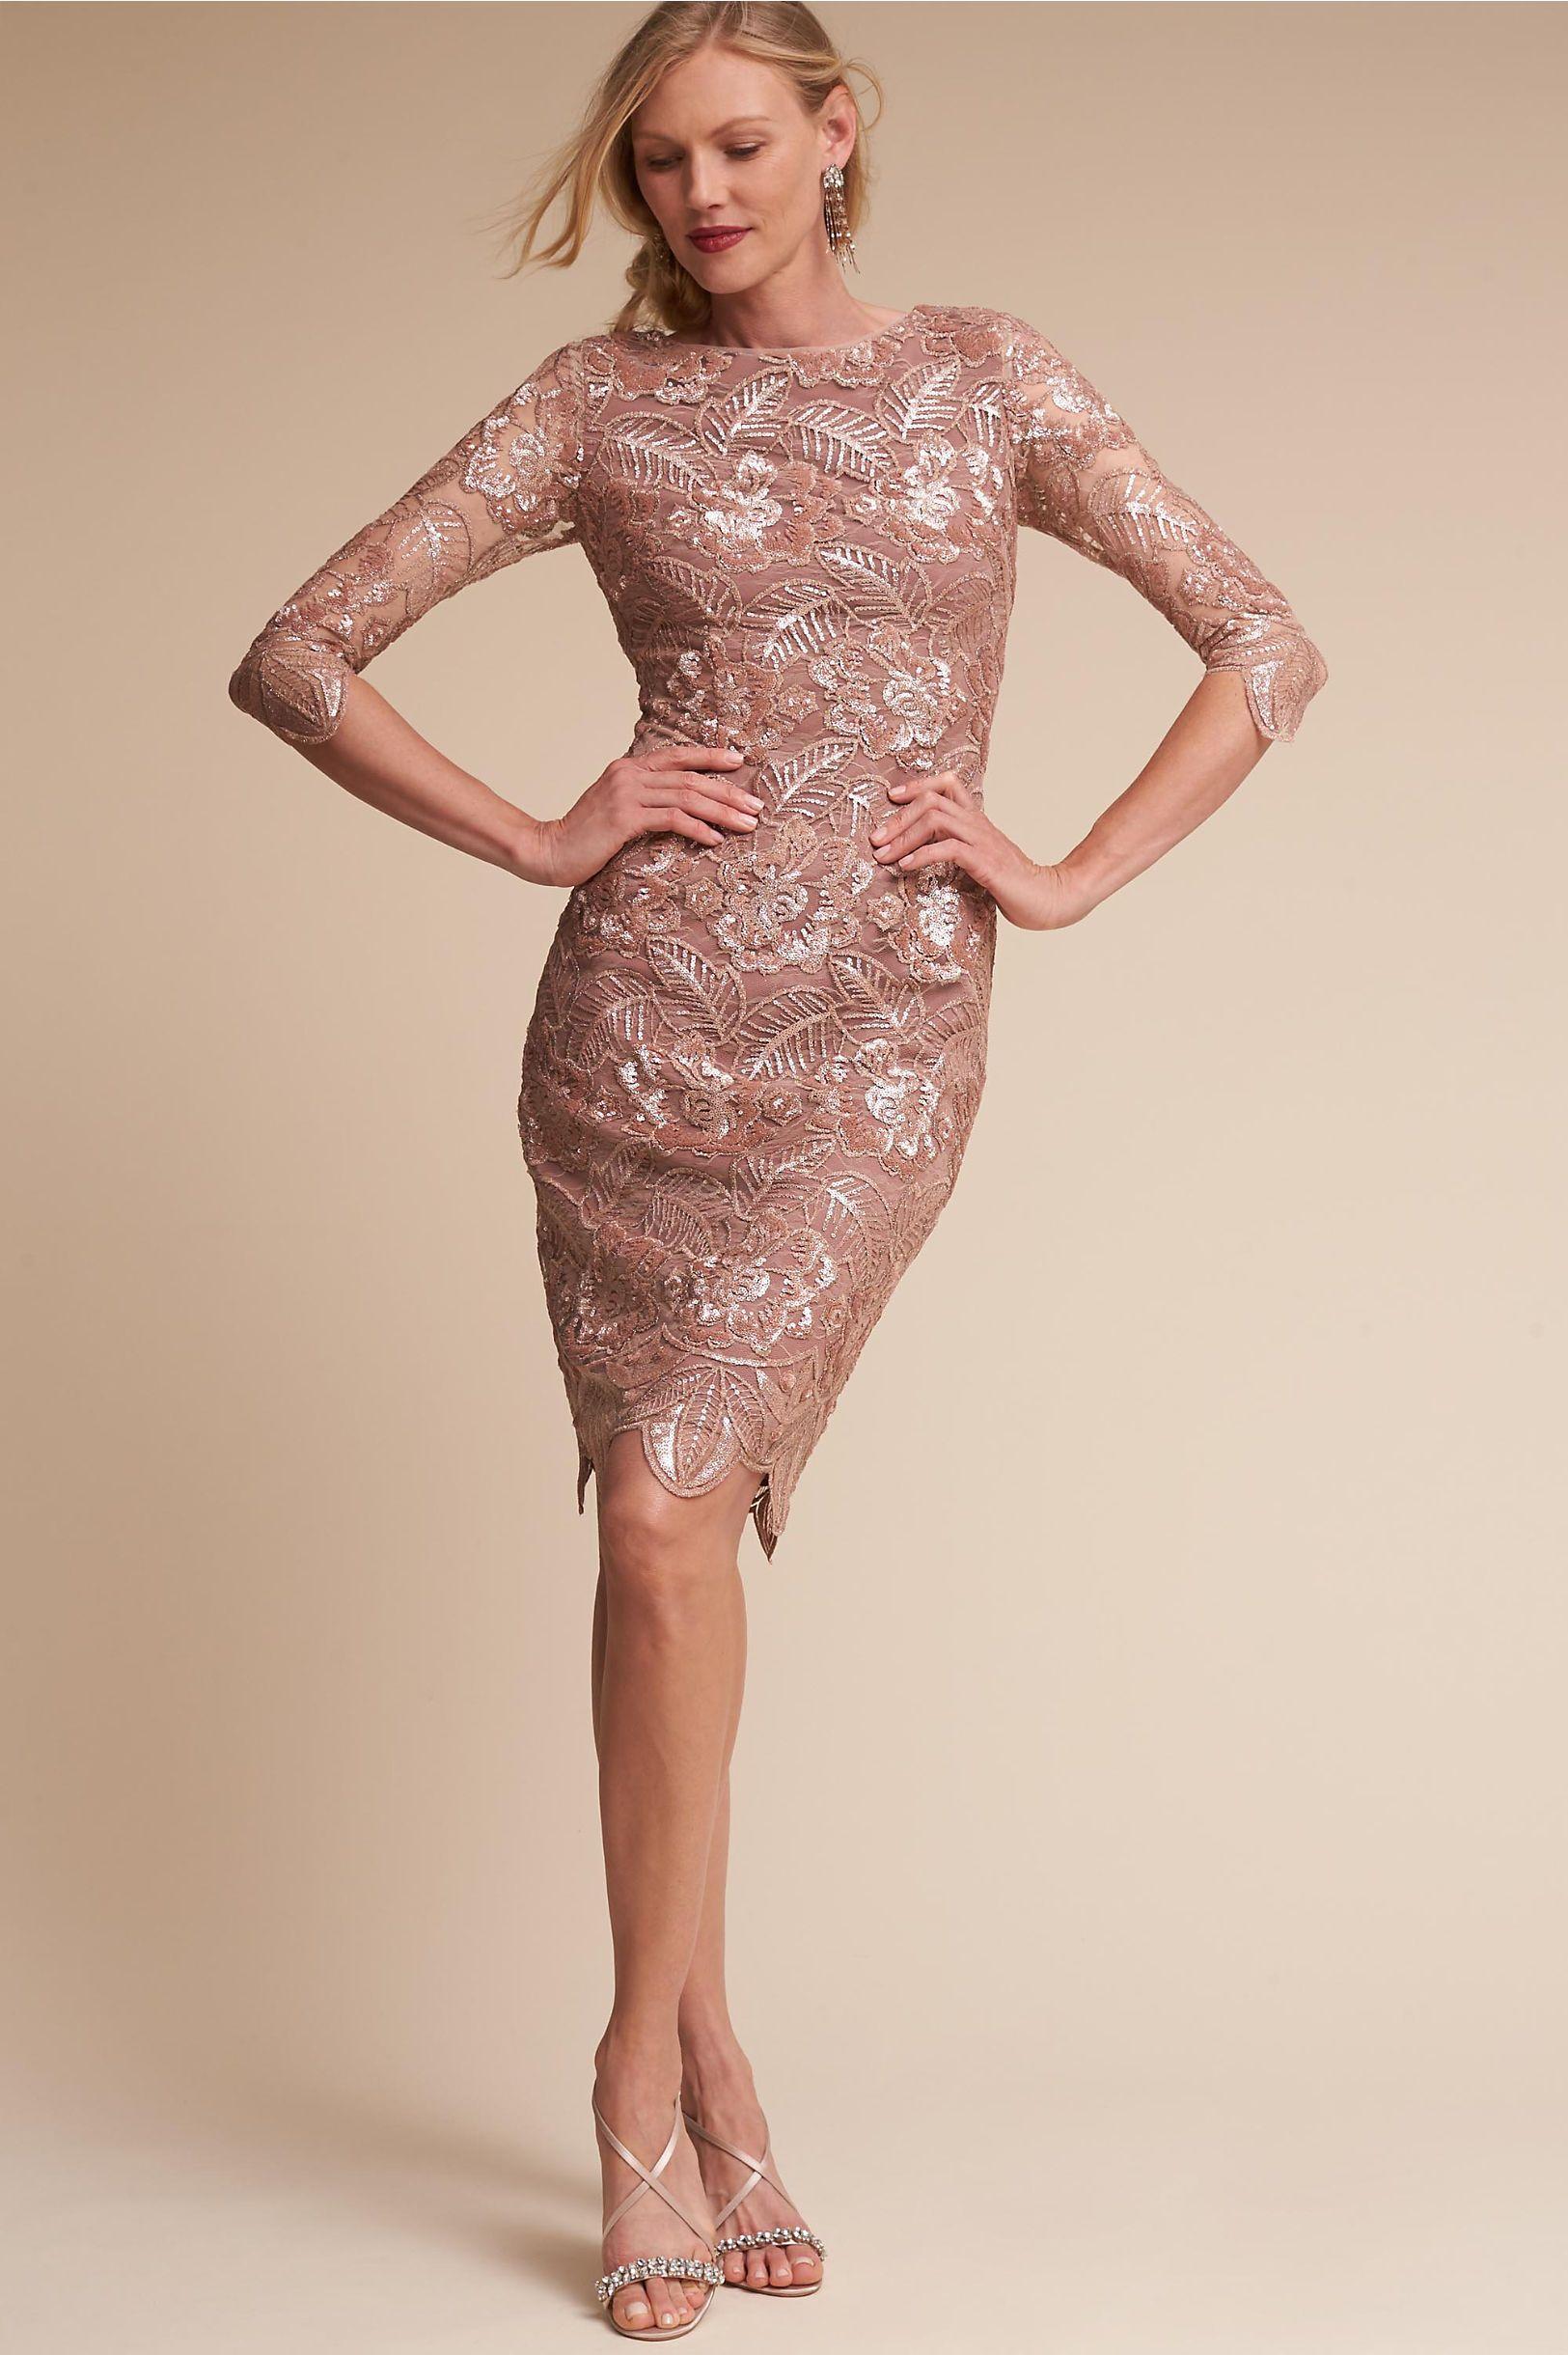 e278e48b52 BHLDN s Mackenzie Dress in Rose Gold